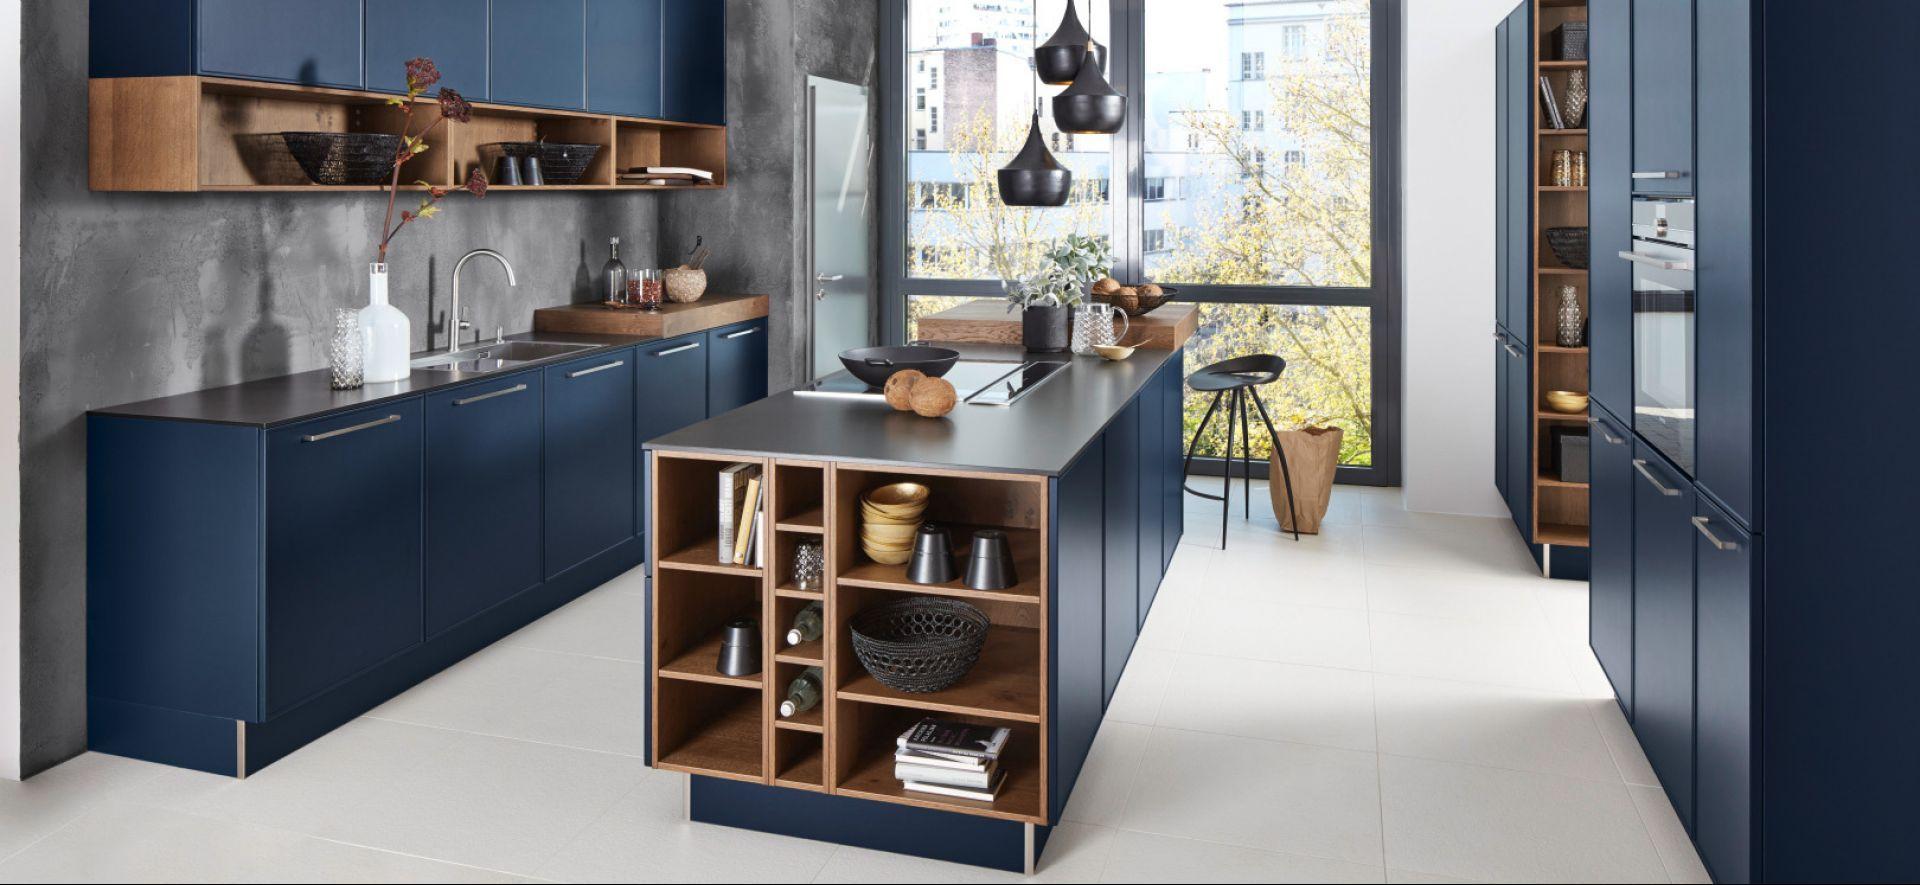 Ausgezeichnet Küche Miami Design District Fotos - Ideen Für Die ...